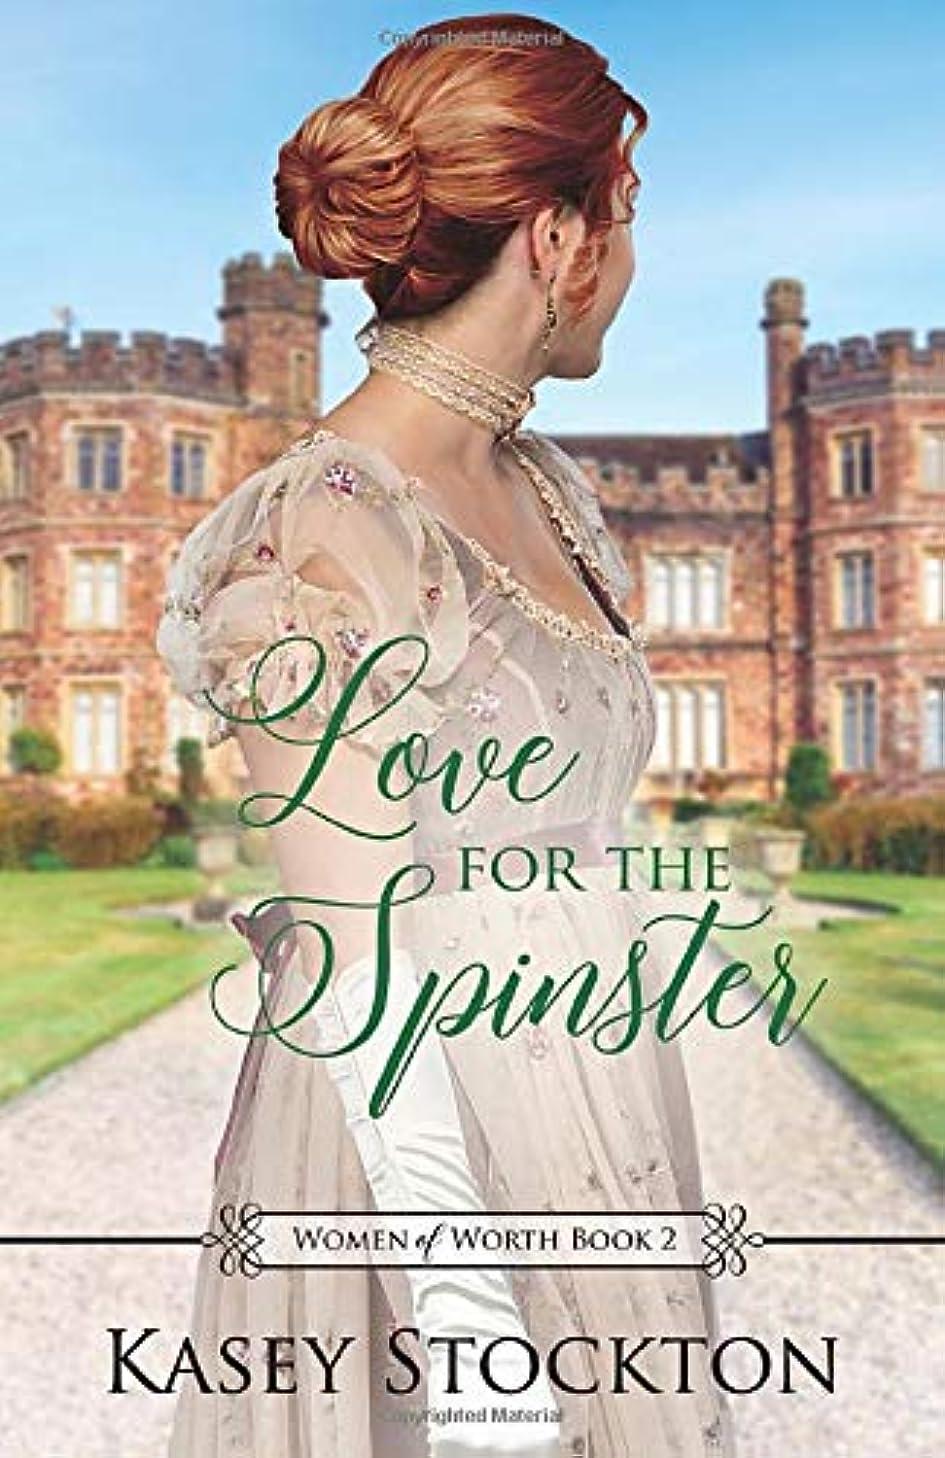 試してみるプロポーショナルありそうLove for the Spinster: A Regency Romance (Women of Worth Book 2)